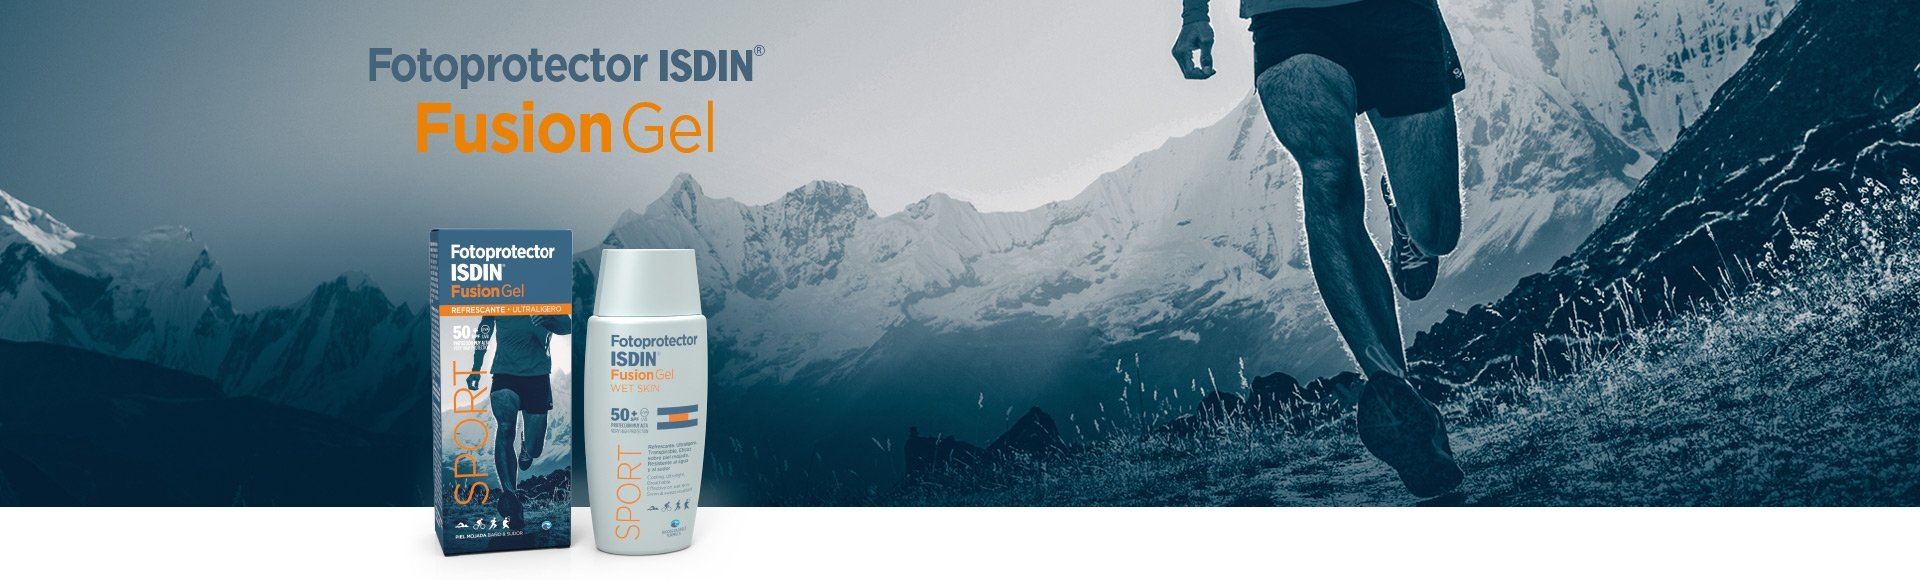 ISDIN Fotoprotector Set de Fusion Gel Y Fusion Water